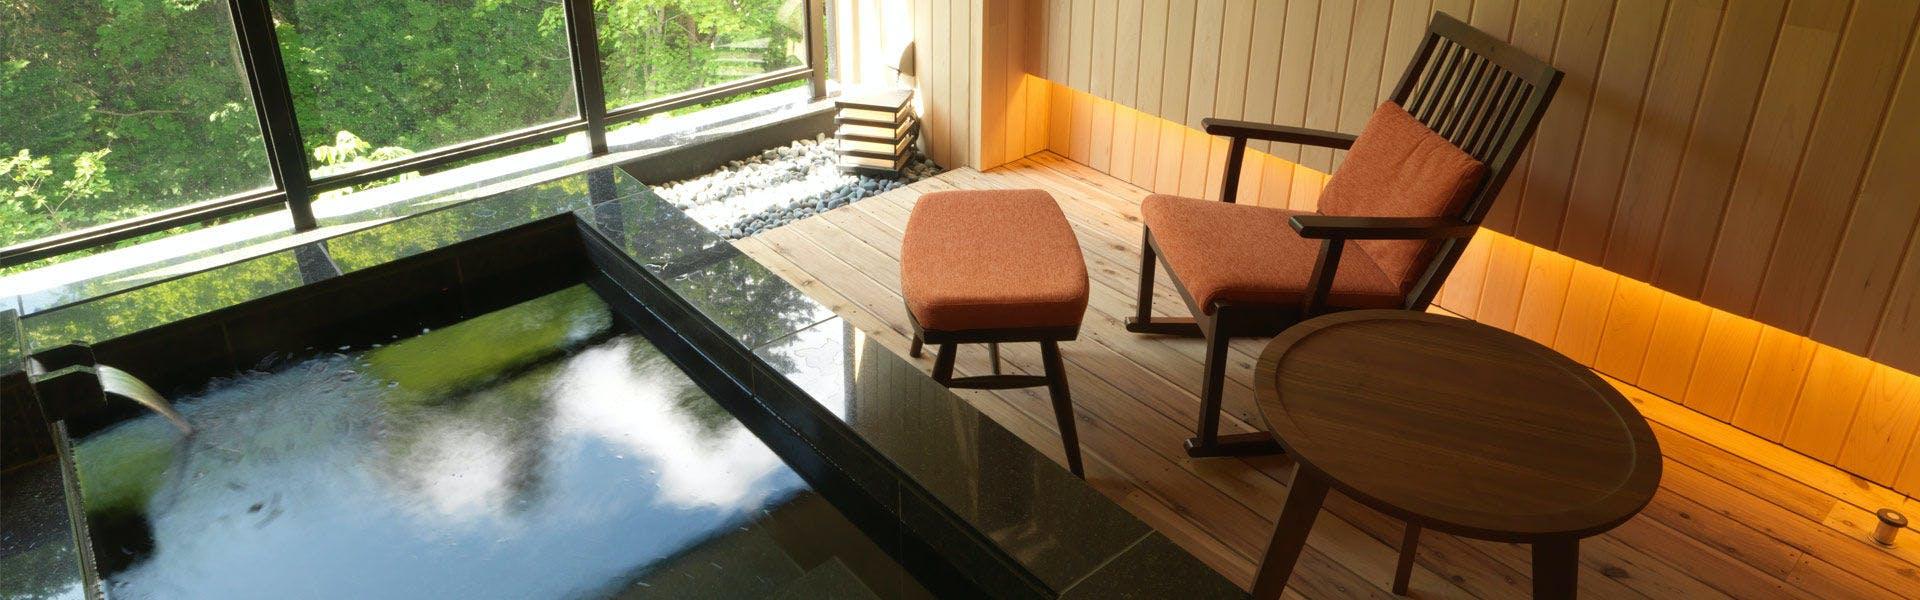 記念日におすすめのホテル・【ニセコ昆布温泉 鶴雅別荘 杢の抄】の写真2